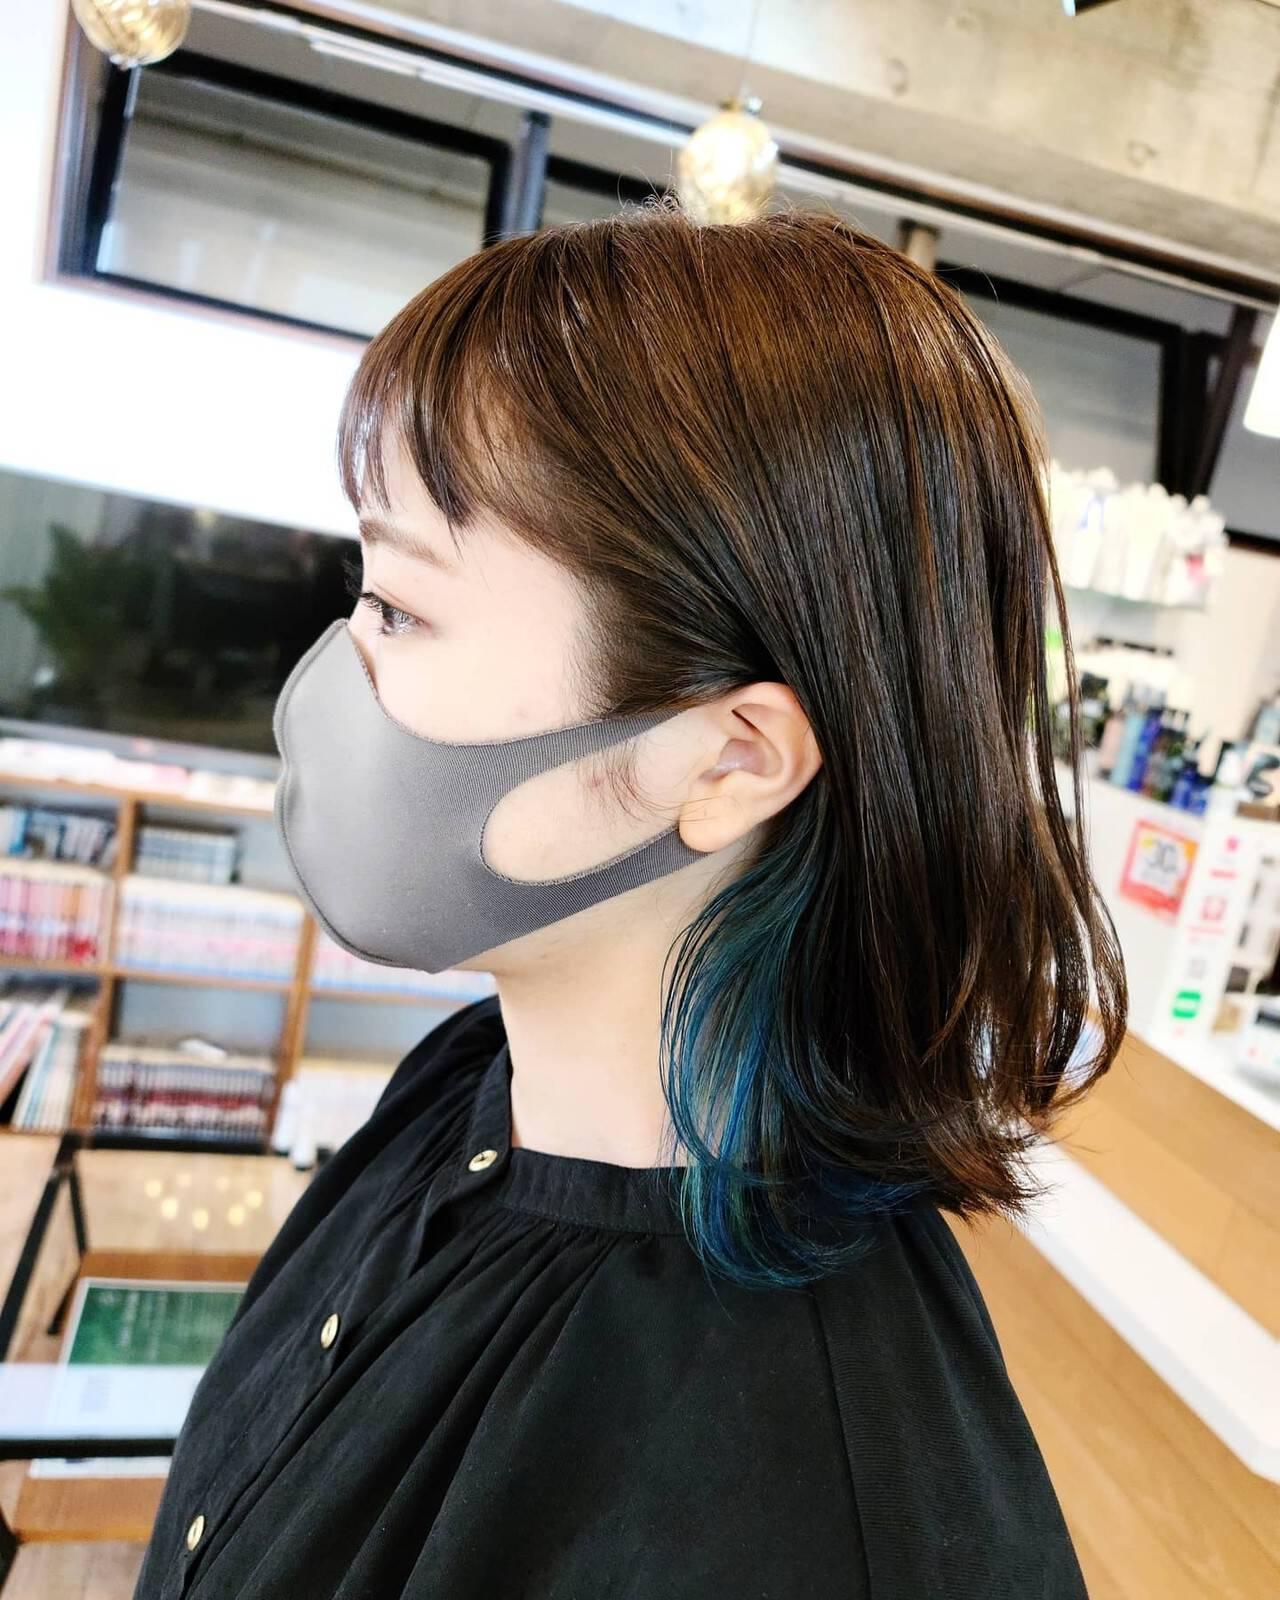 ボブ ガーリー ターコイズブルー インナーカラーヘアスタイルや髪型の写真・画像